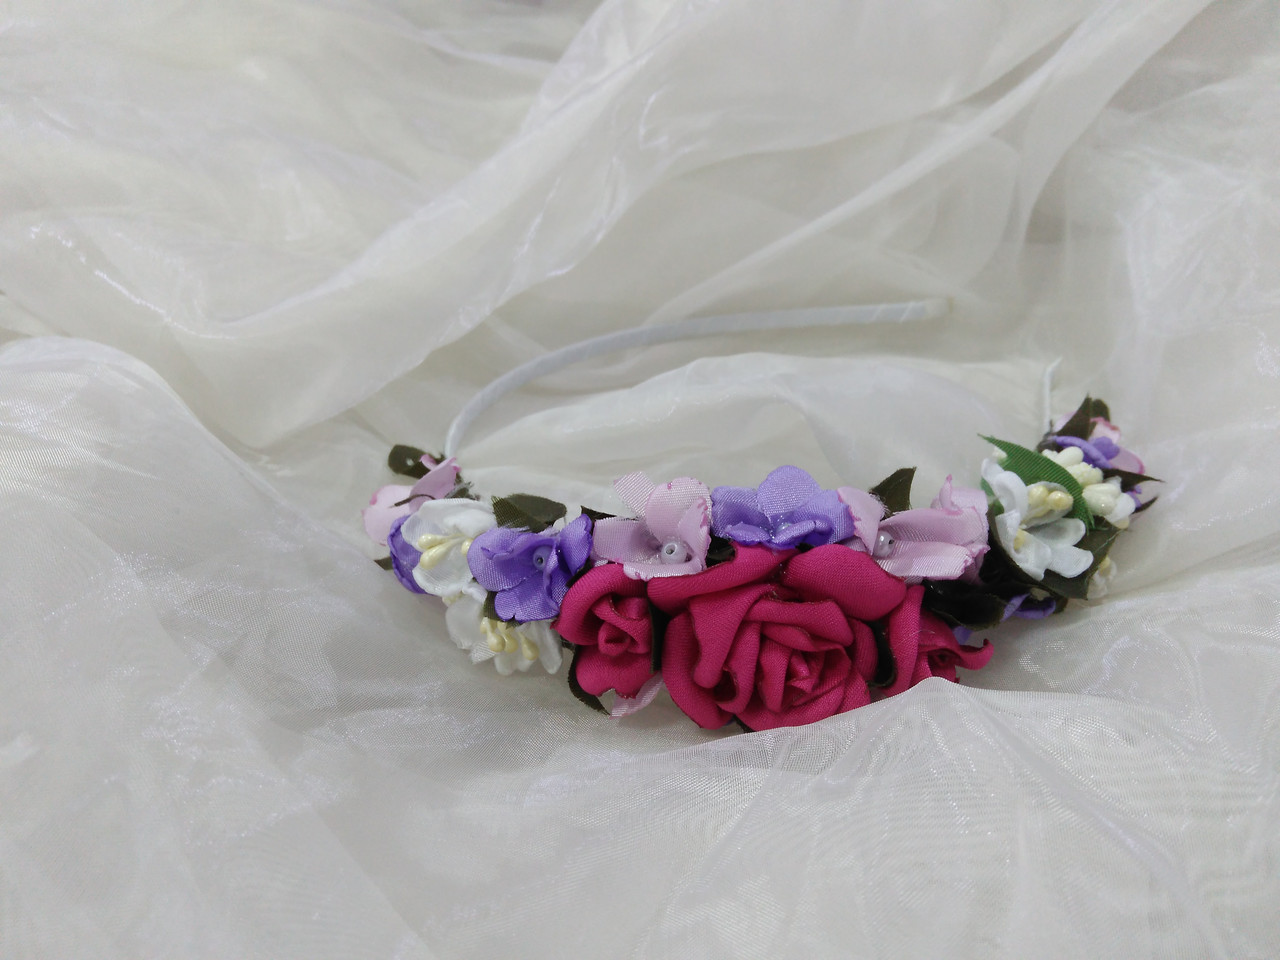 Вінок-ободок з квітів (обруч) малиновий для дорослих і дітей